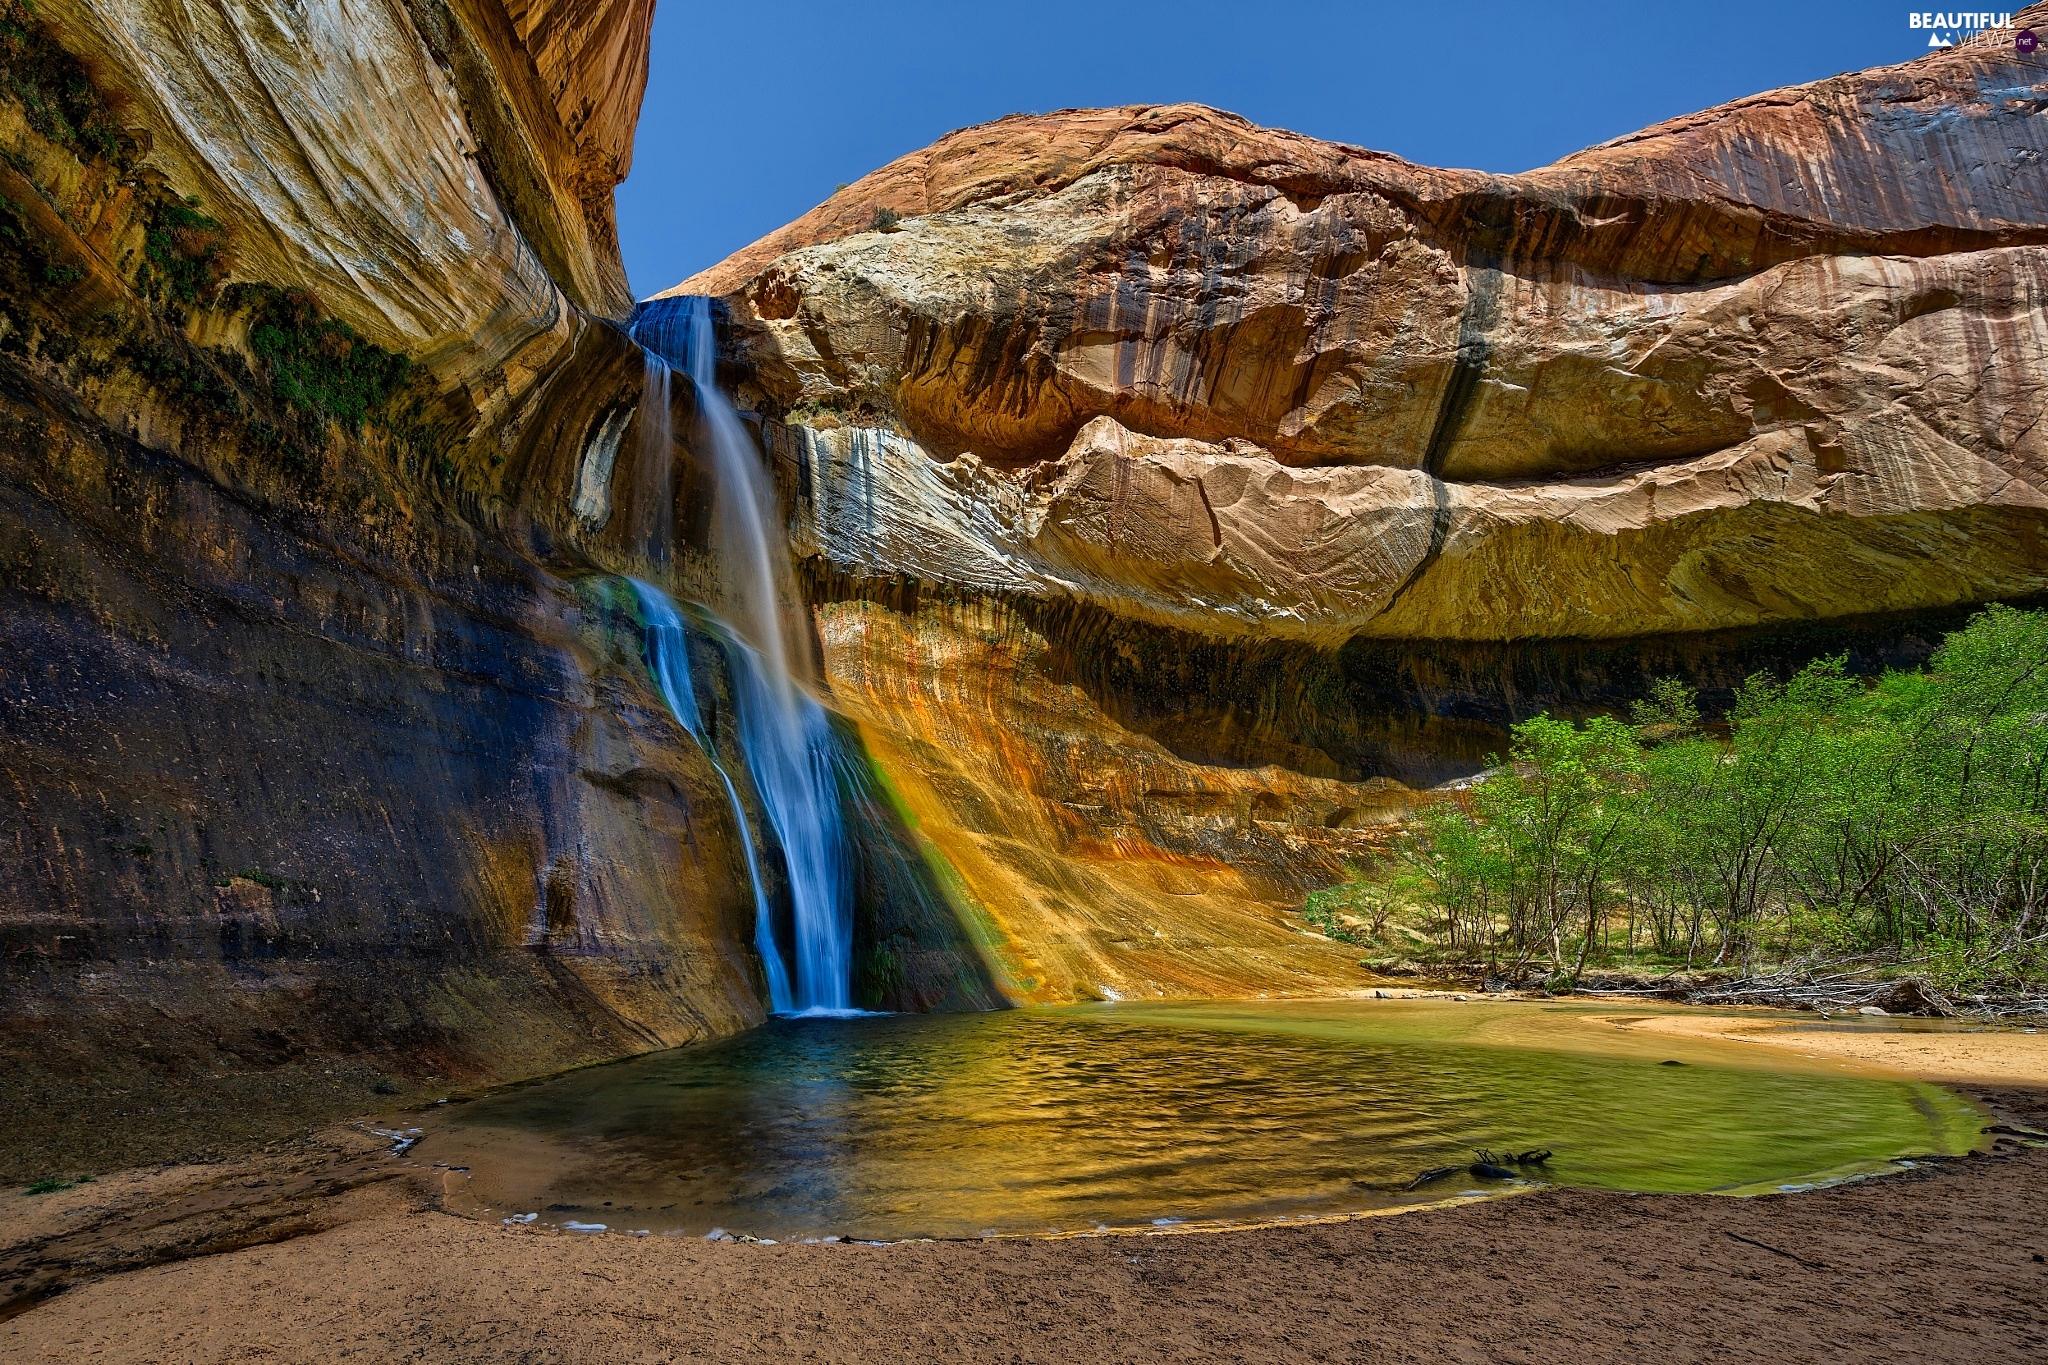 rocks Calf Creek Falls Utah State Capitol Reef National Park 2048x1365